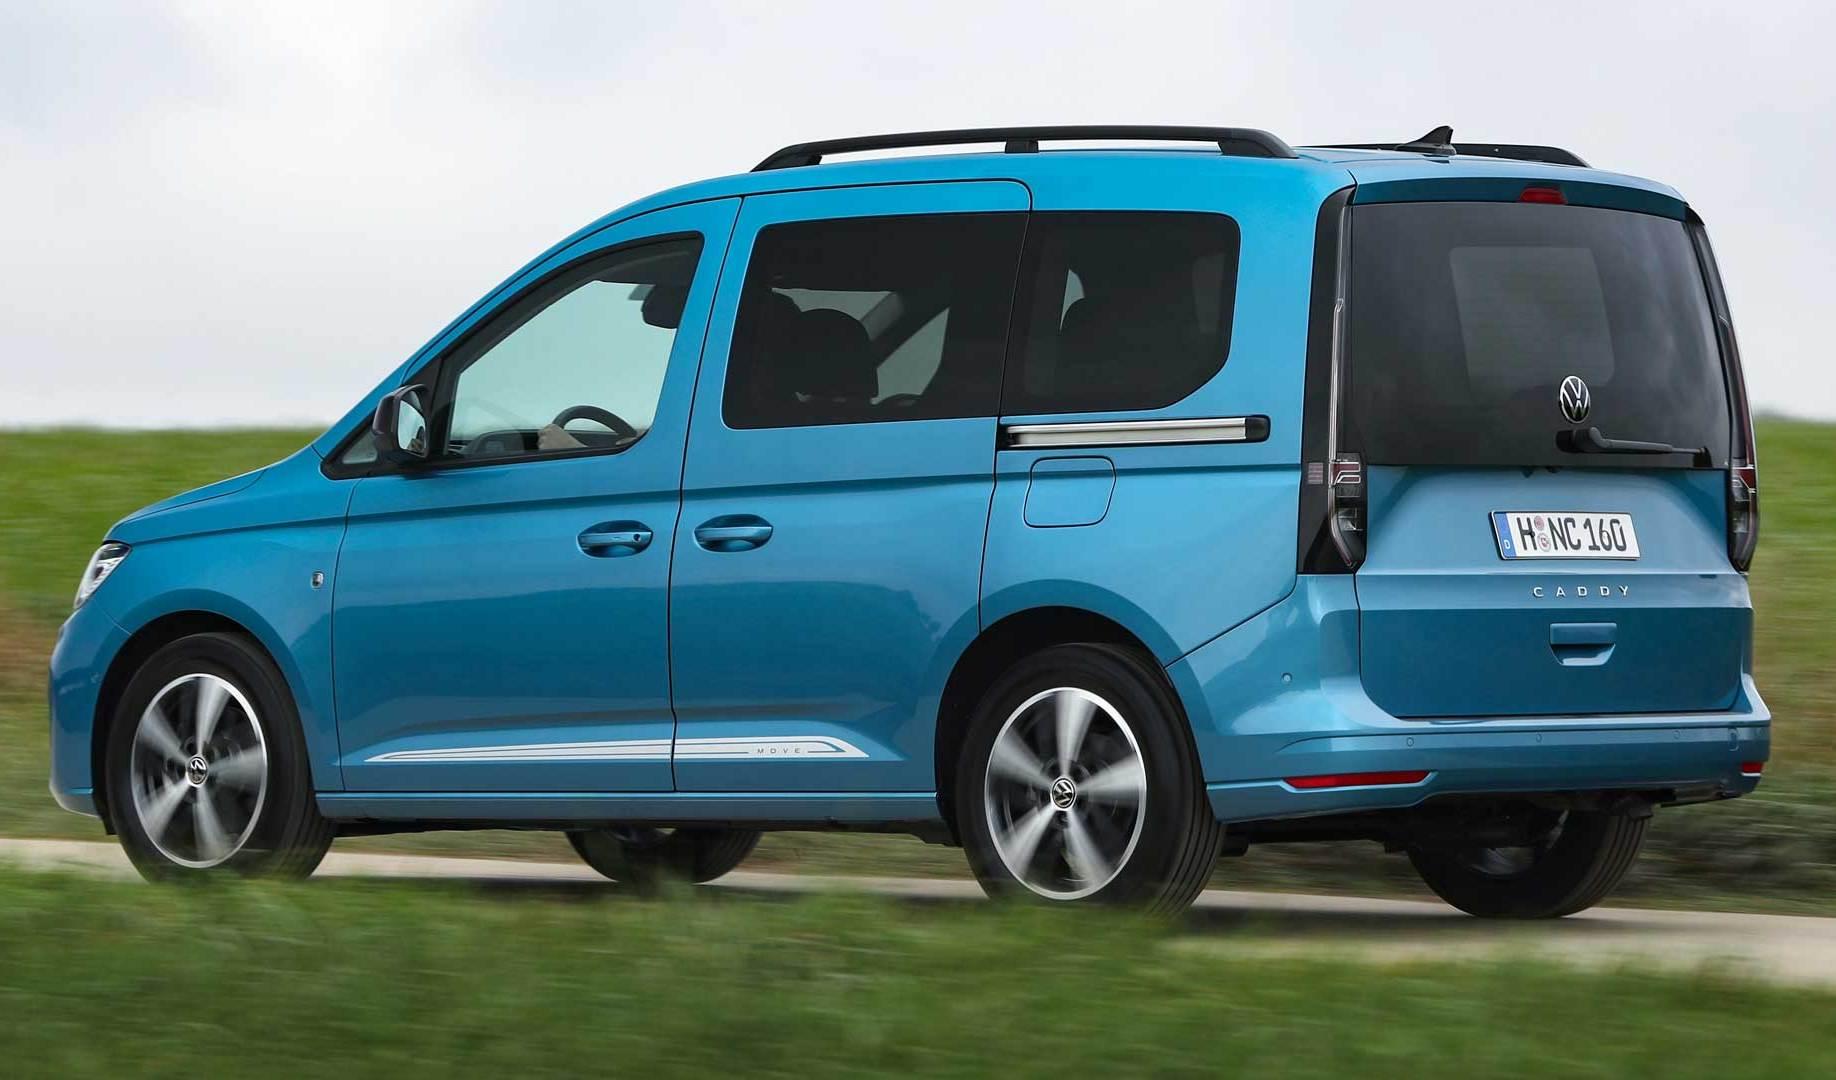 2021 yeni Volkswagen Caddy test sürüşü - Otomobil Uzmanı